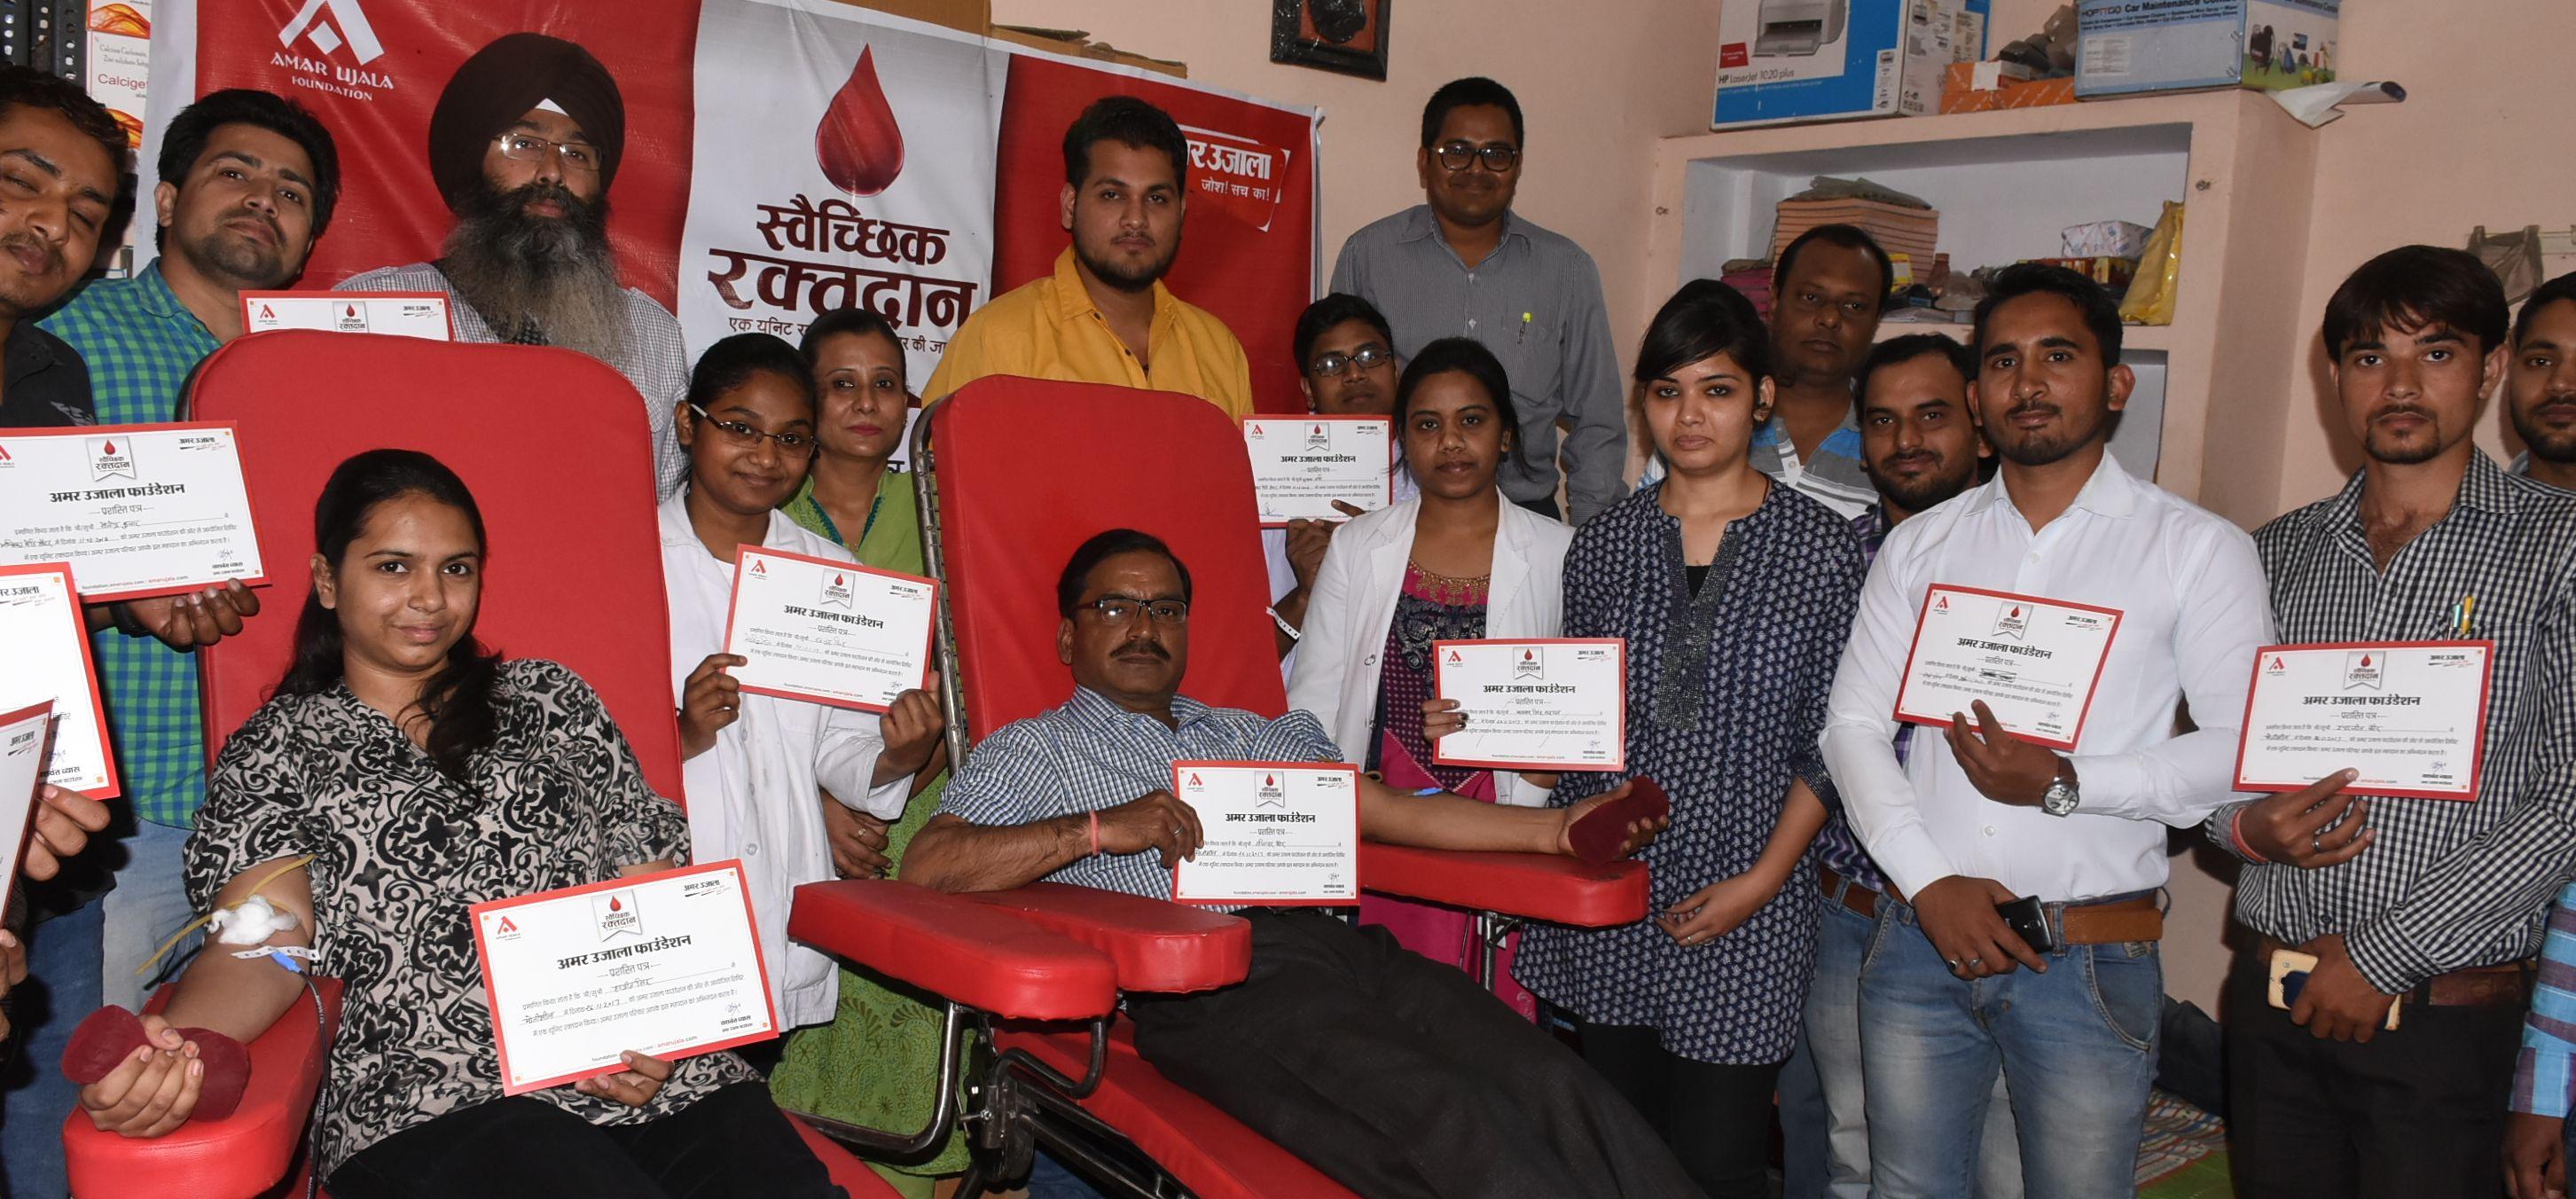 विश्व रक्तदाता दिवस के अवसर पर आयोजित 78 शिविरों में 4423 लोगों ने किया महादान।